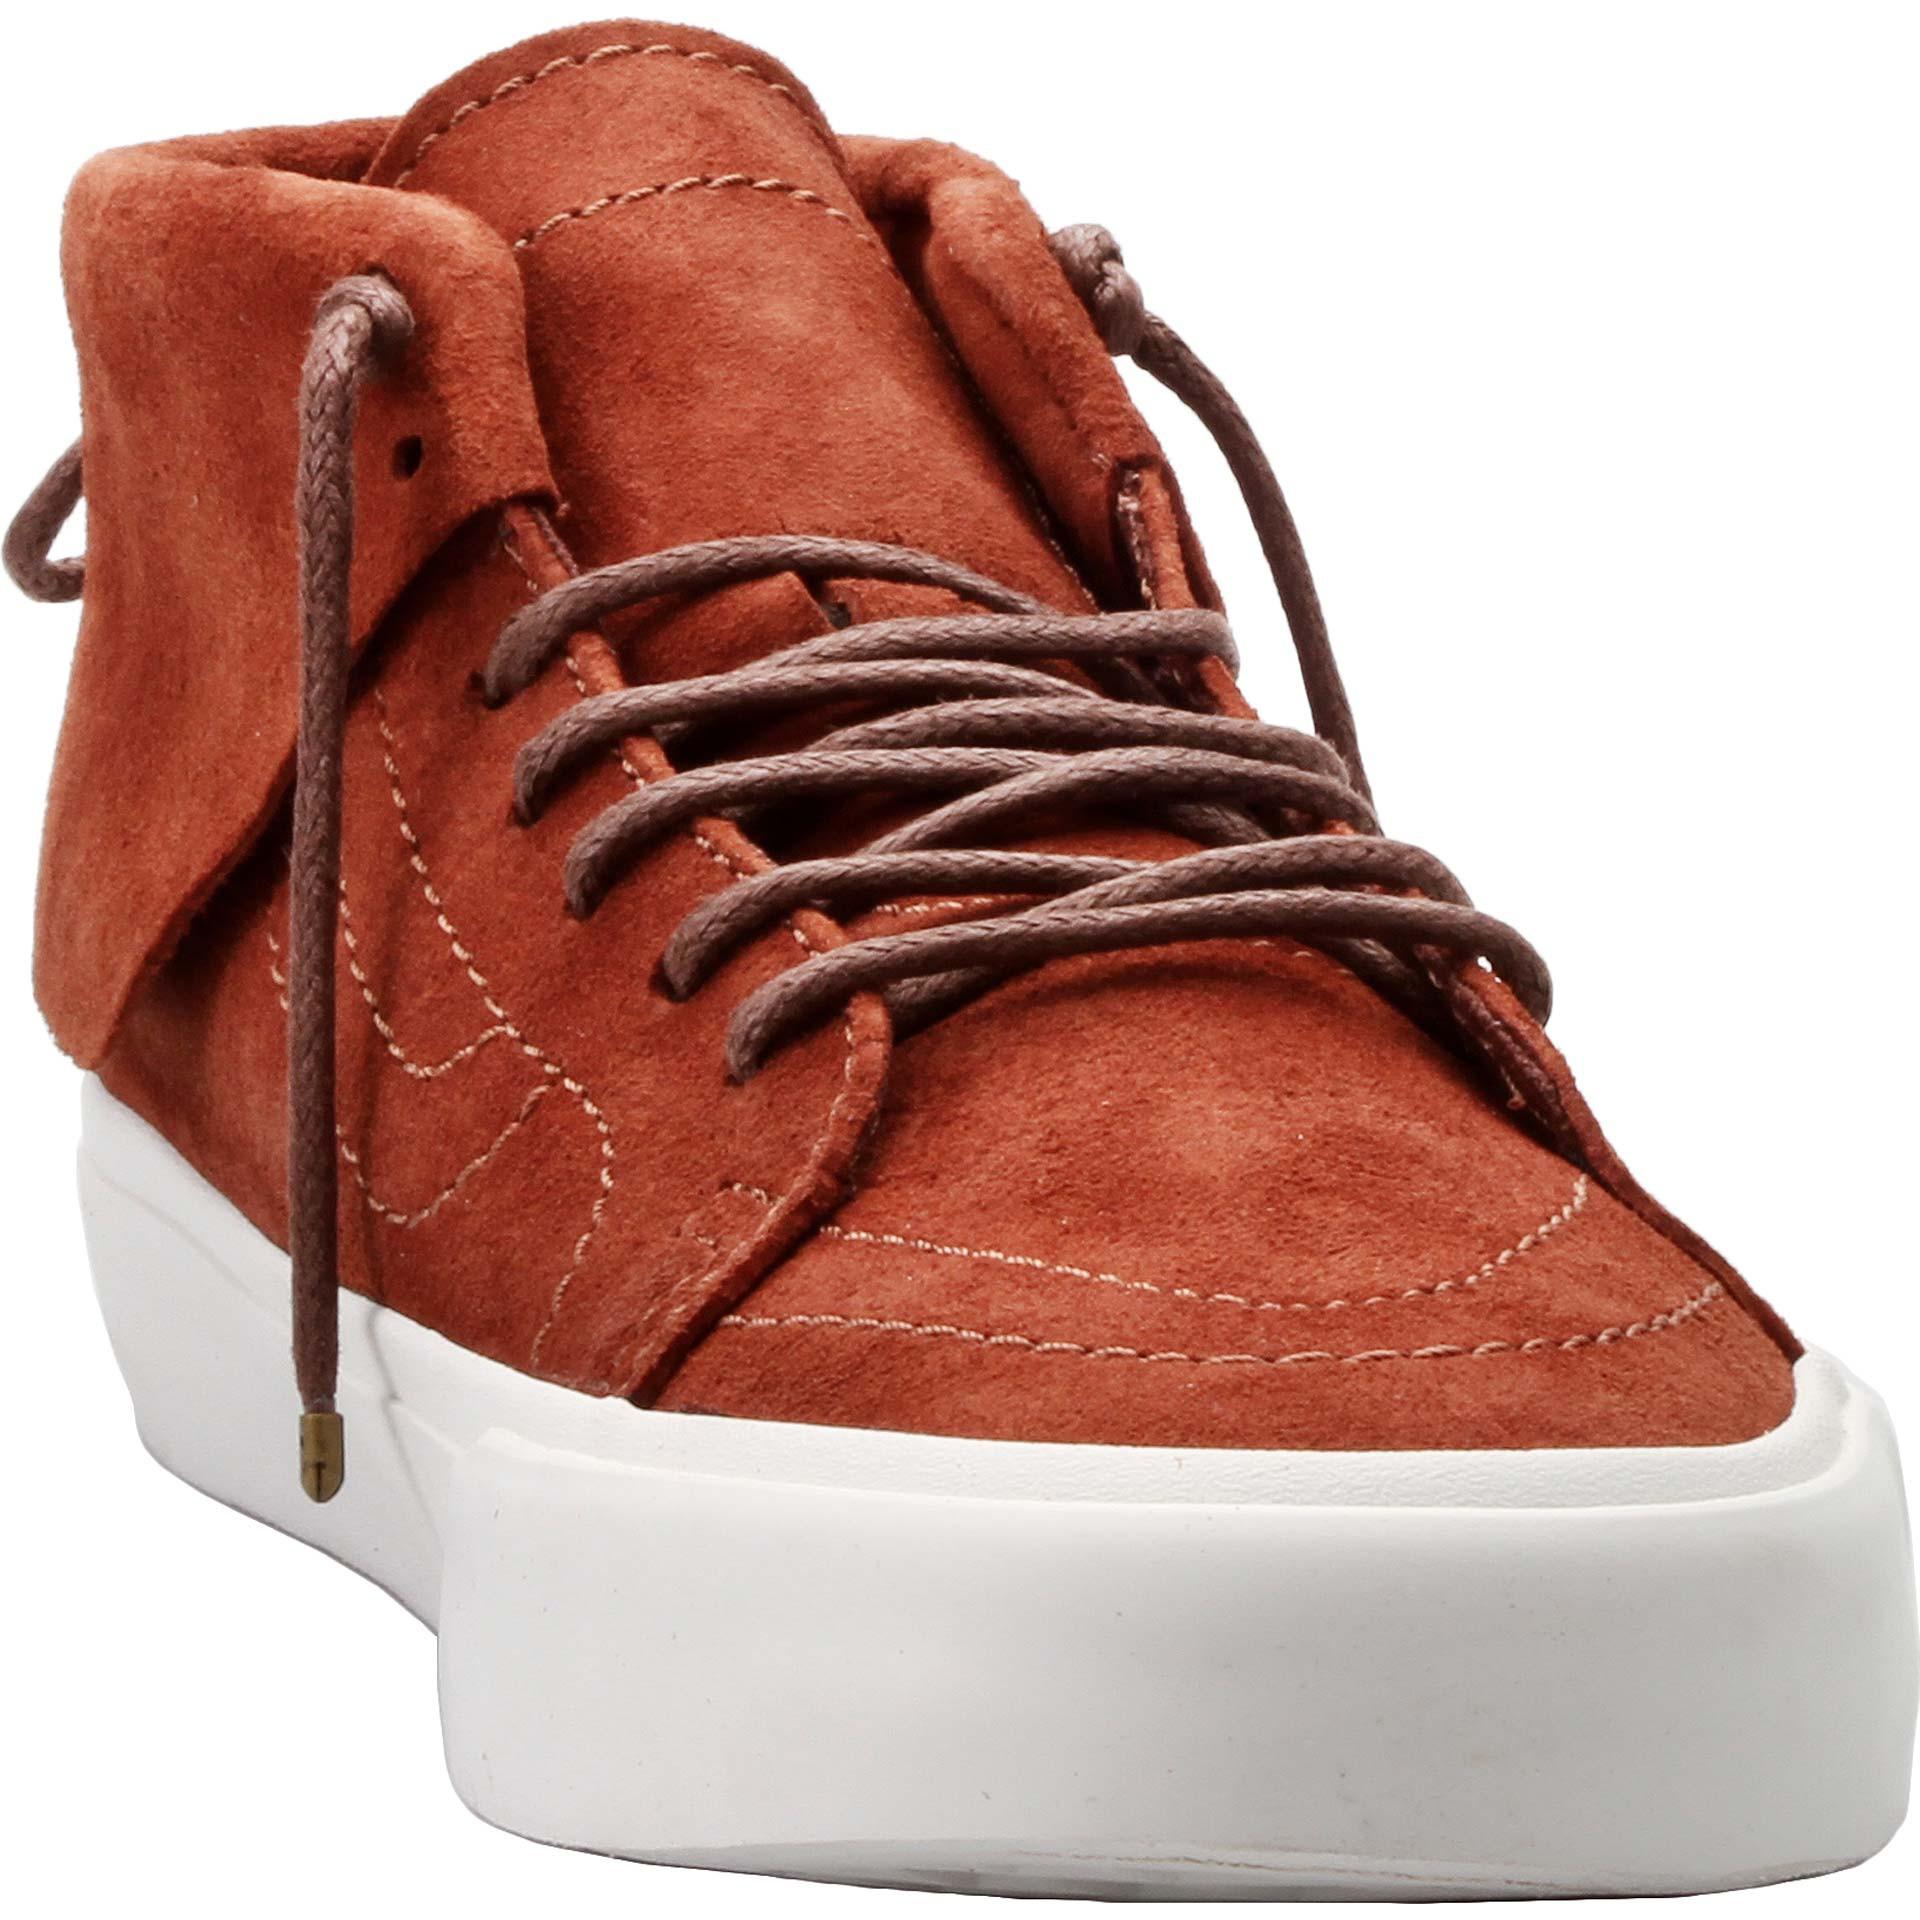 ca0a329a38 Vans - Vans SK8 Hi Mid Moc CA Pig Suede Tortoise Shell Men s Skate Shoes  Size 11 - Walmart.com